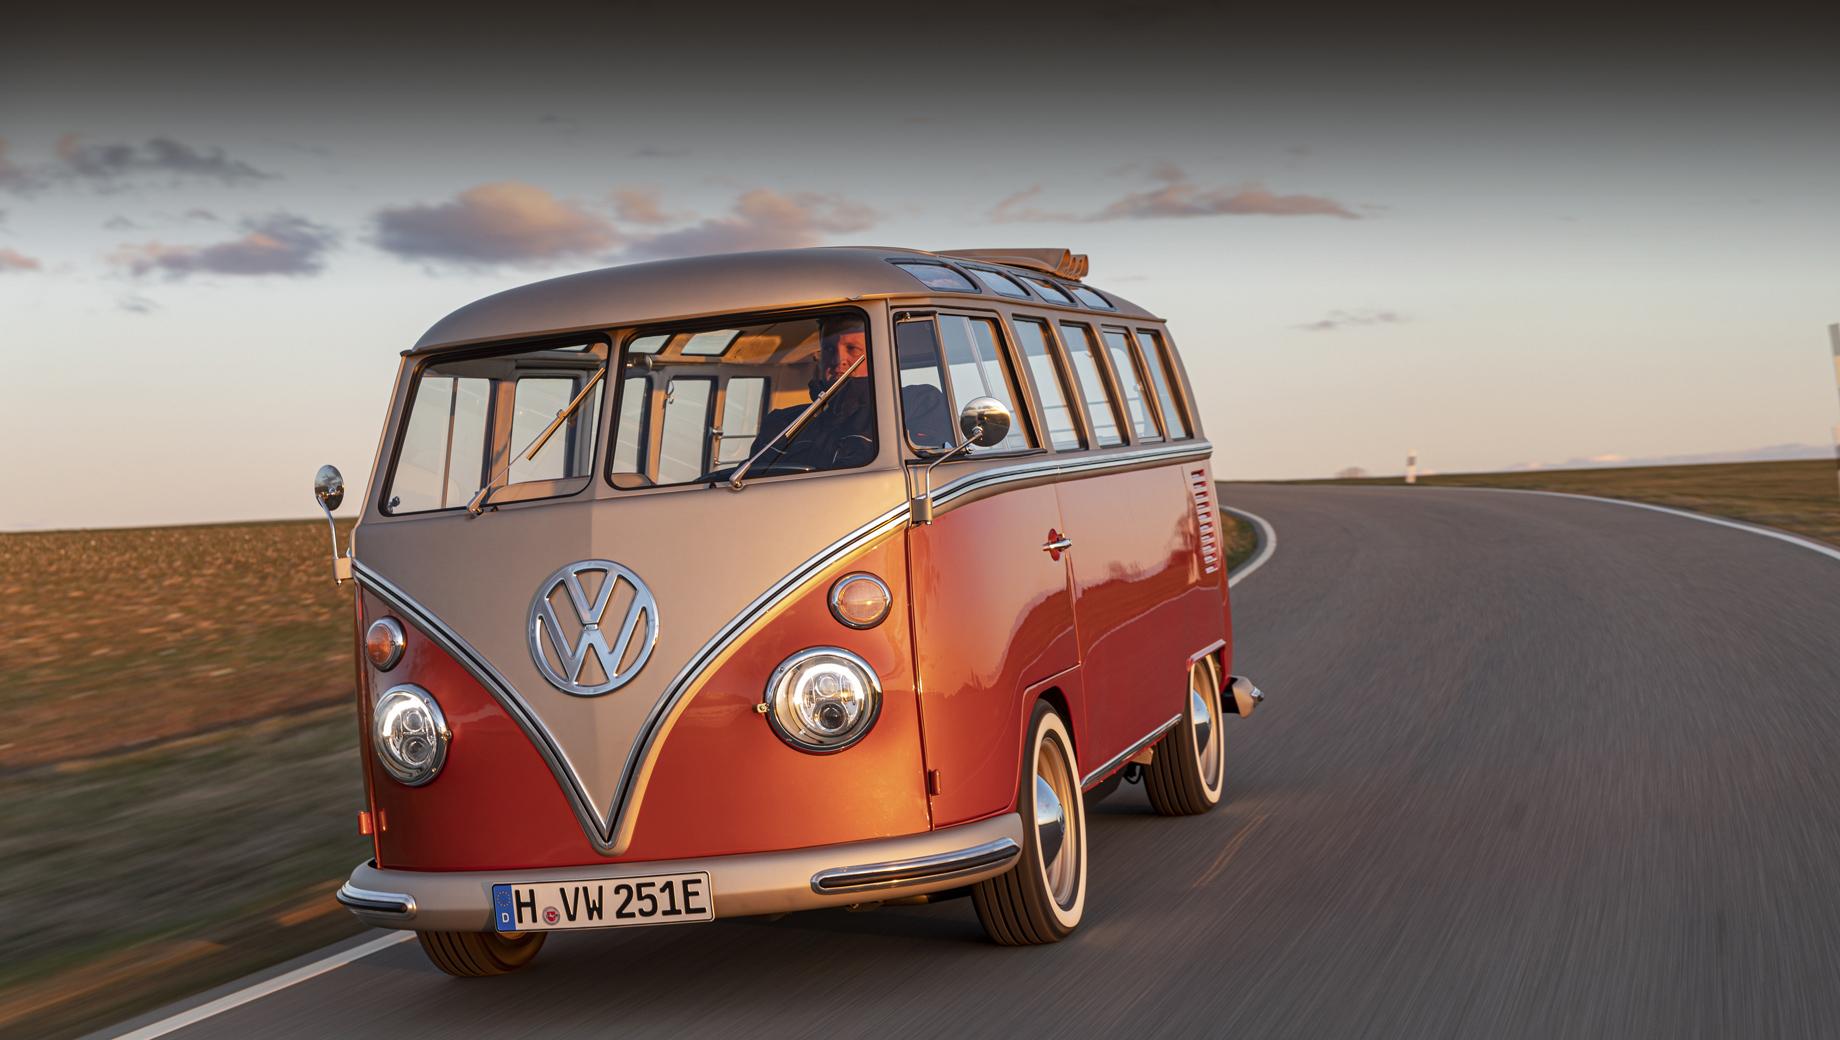 Volkswagen concept,Volkswagen e-bulli. Вэн Volkswagen Type 2 первого поколения (индекс T1) стал одним из символов хиппи. Данный образец был изготовлен в Ганновере в 1966 году и полвека колесил по Калифорнии, а теперь вернулся в Германию и обратился в электрокар.